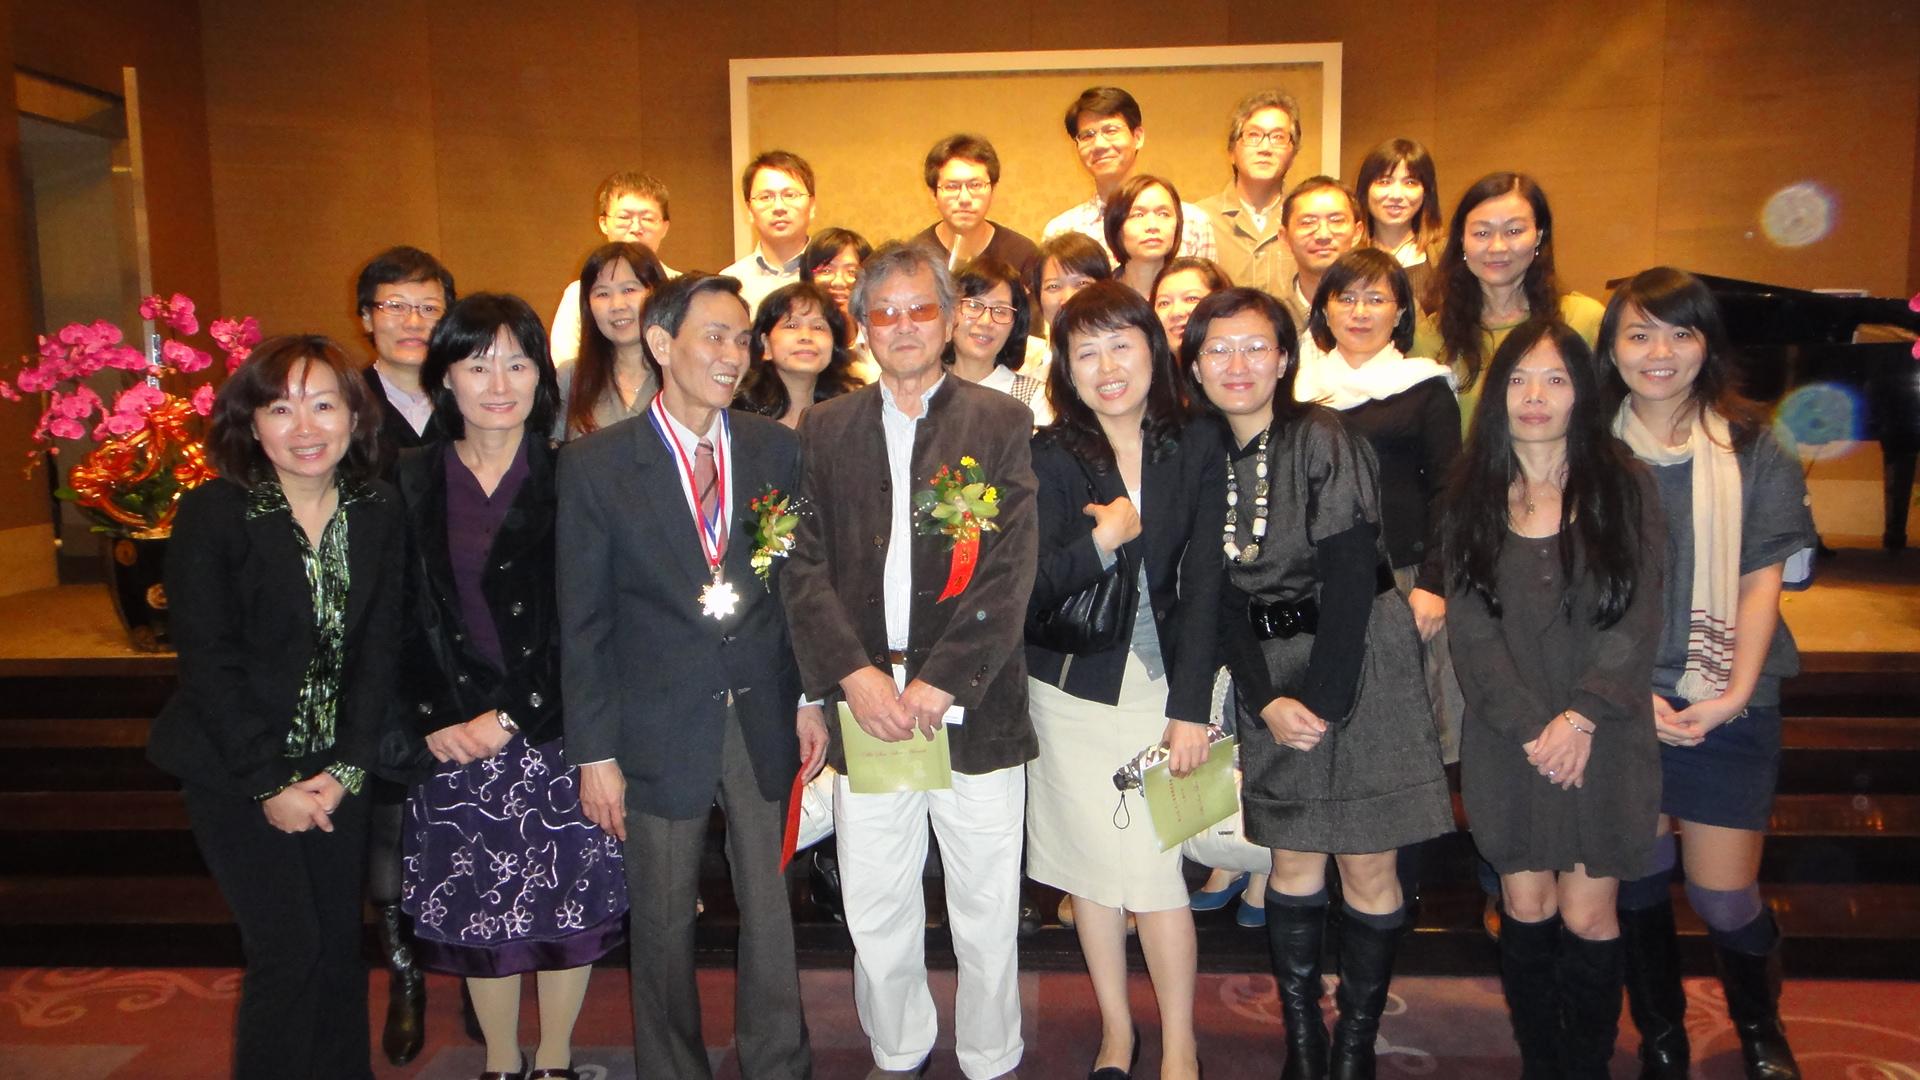 991115 吳三連文學獎頒獎典禮 攝影:彭義方